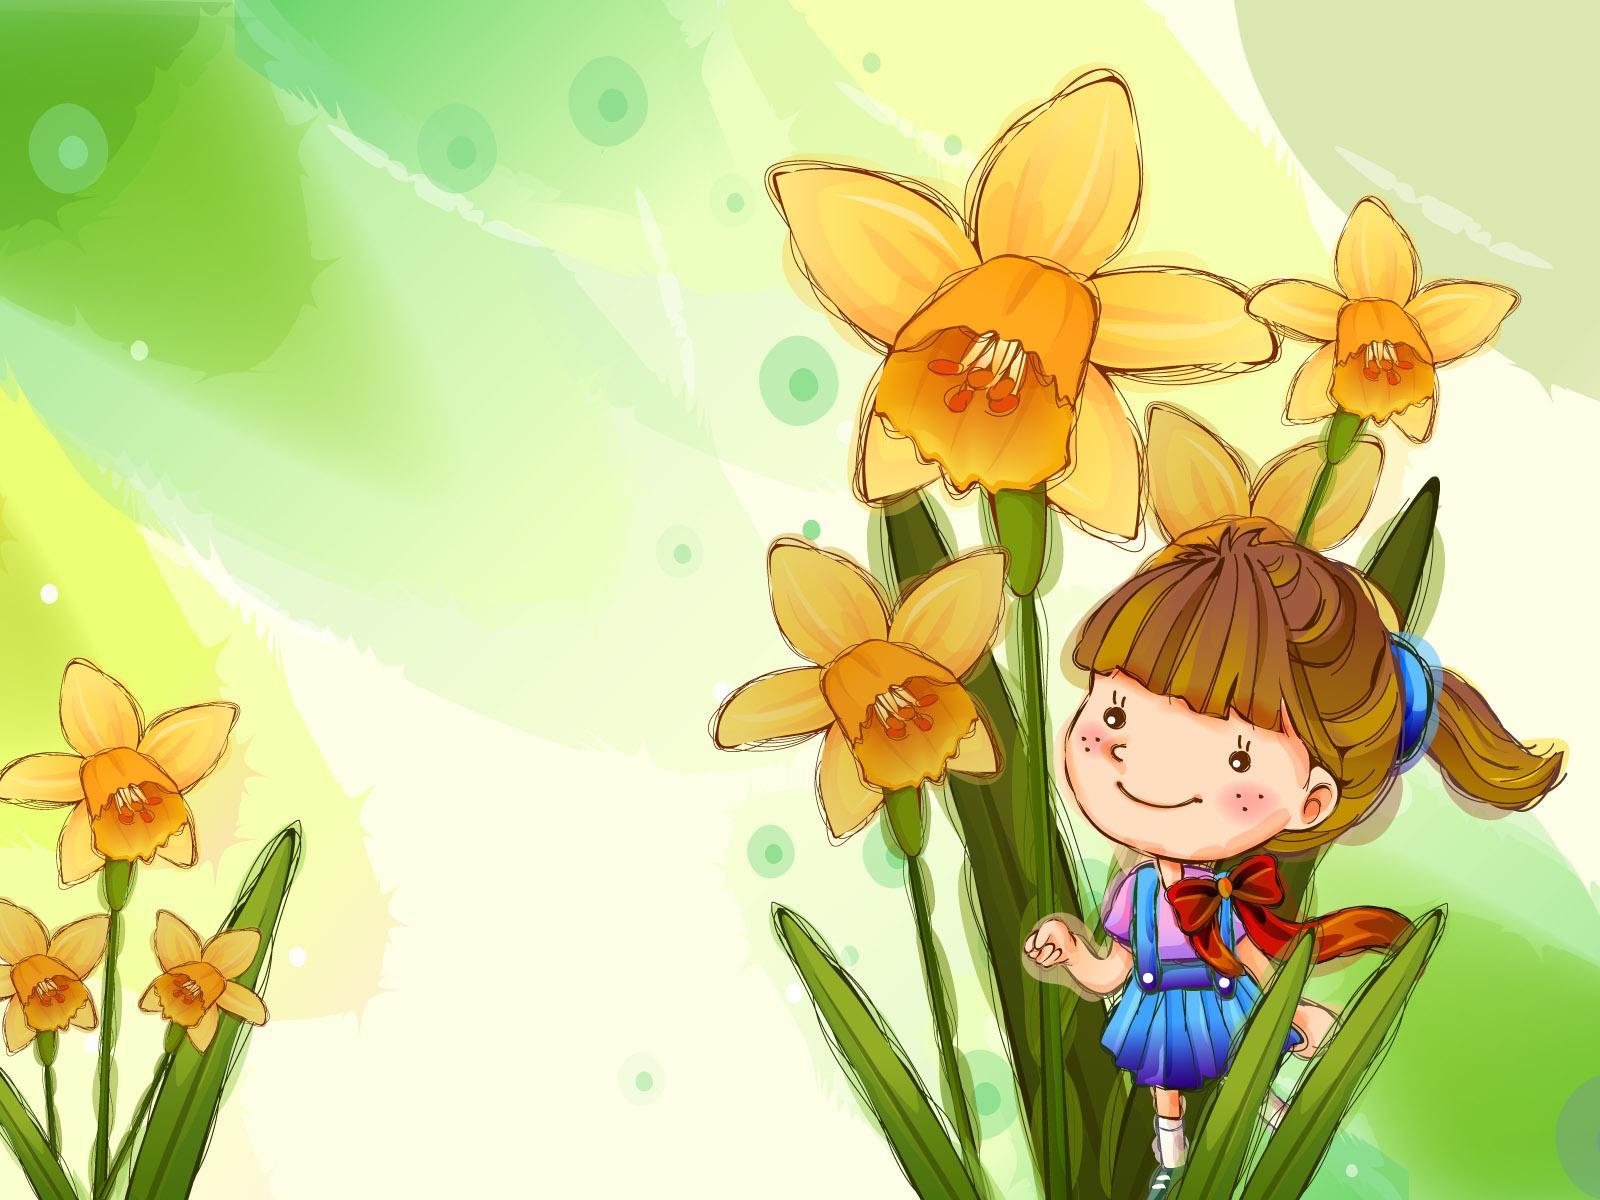 可爱的卡通风格儿童模板 背景素材 1 20p 中国 高清图片